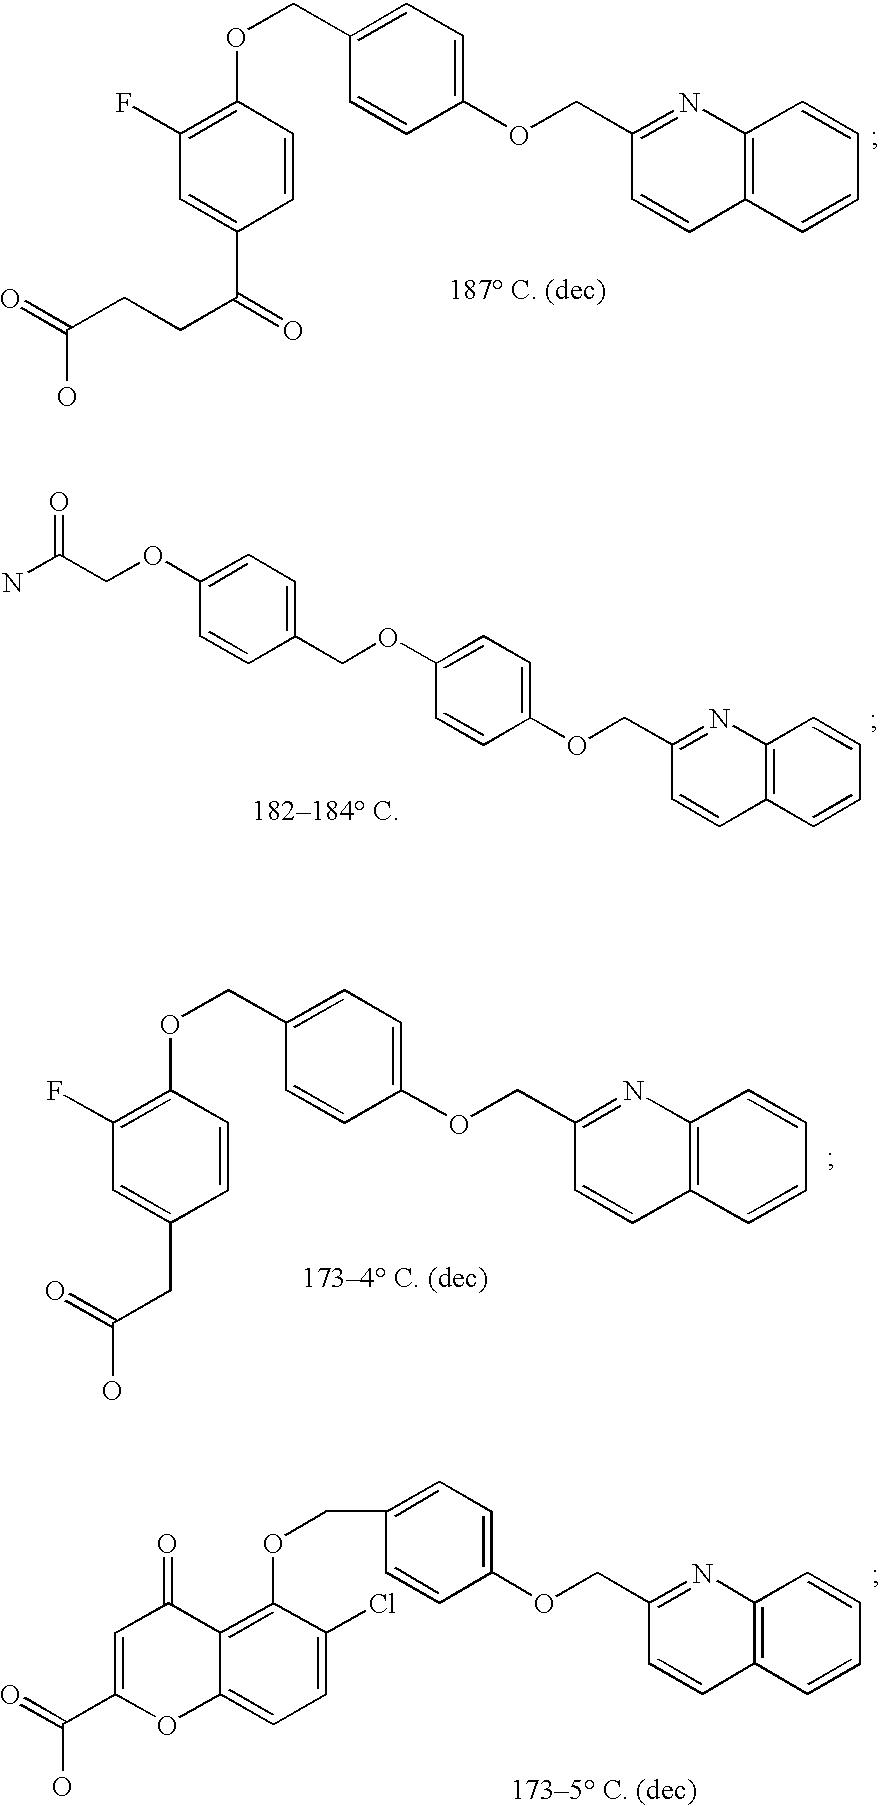 Figure US20030220373A1-20031127-C00312